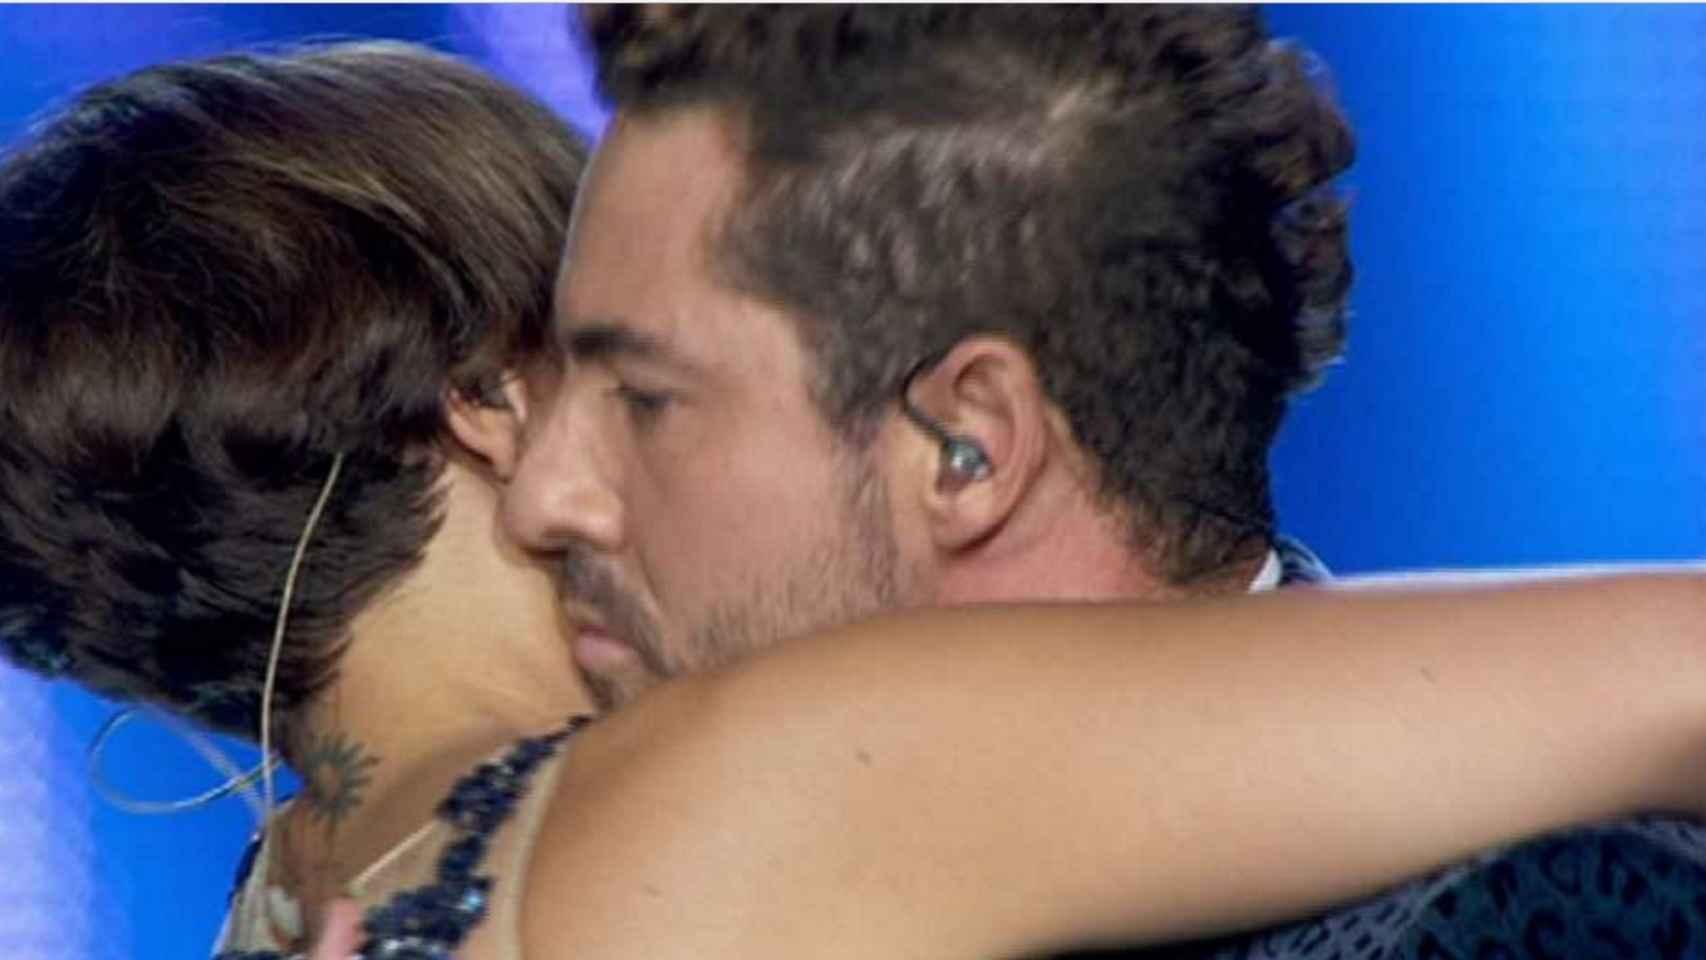 El cariñoso abrazo que se han dado la ex pareja durante la actuación